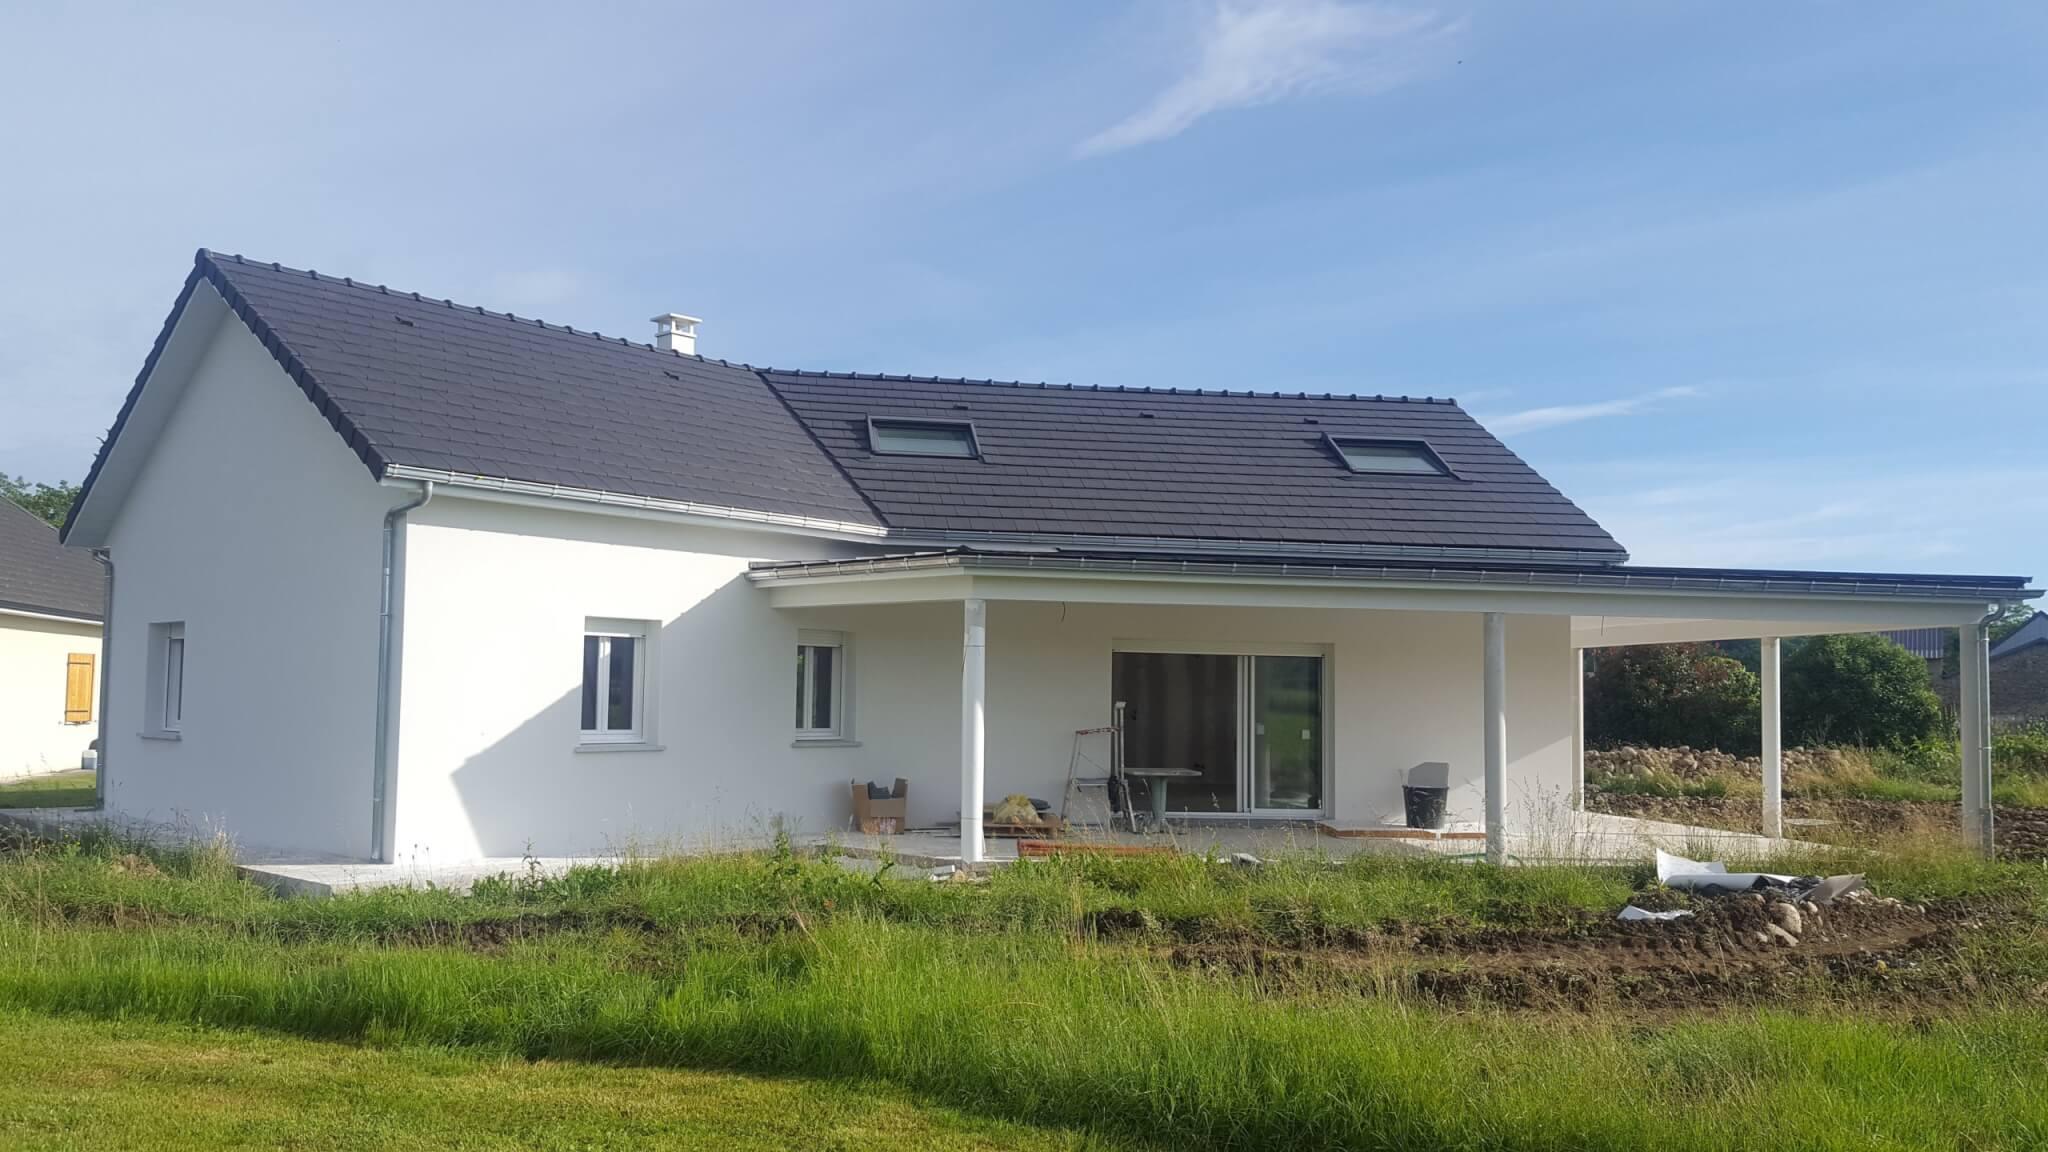 6 enduit terrasse couverte en zinc scaled